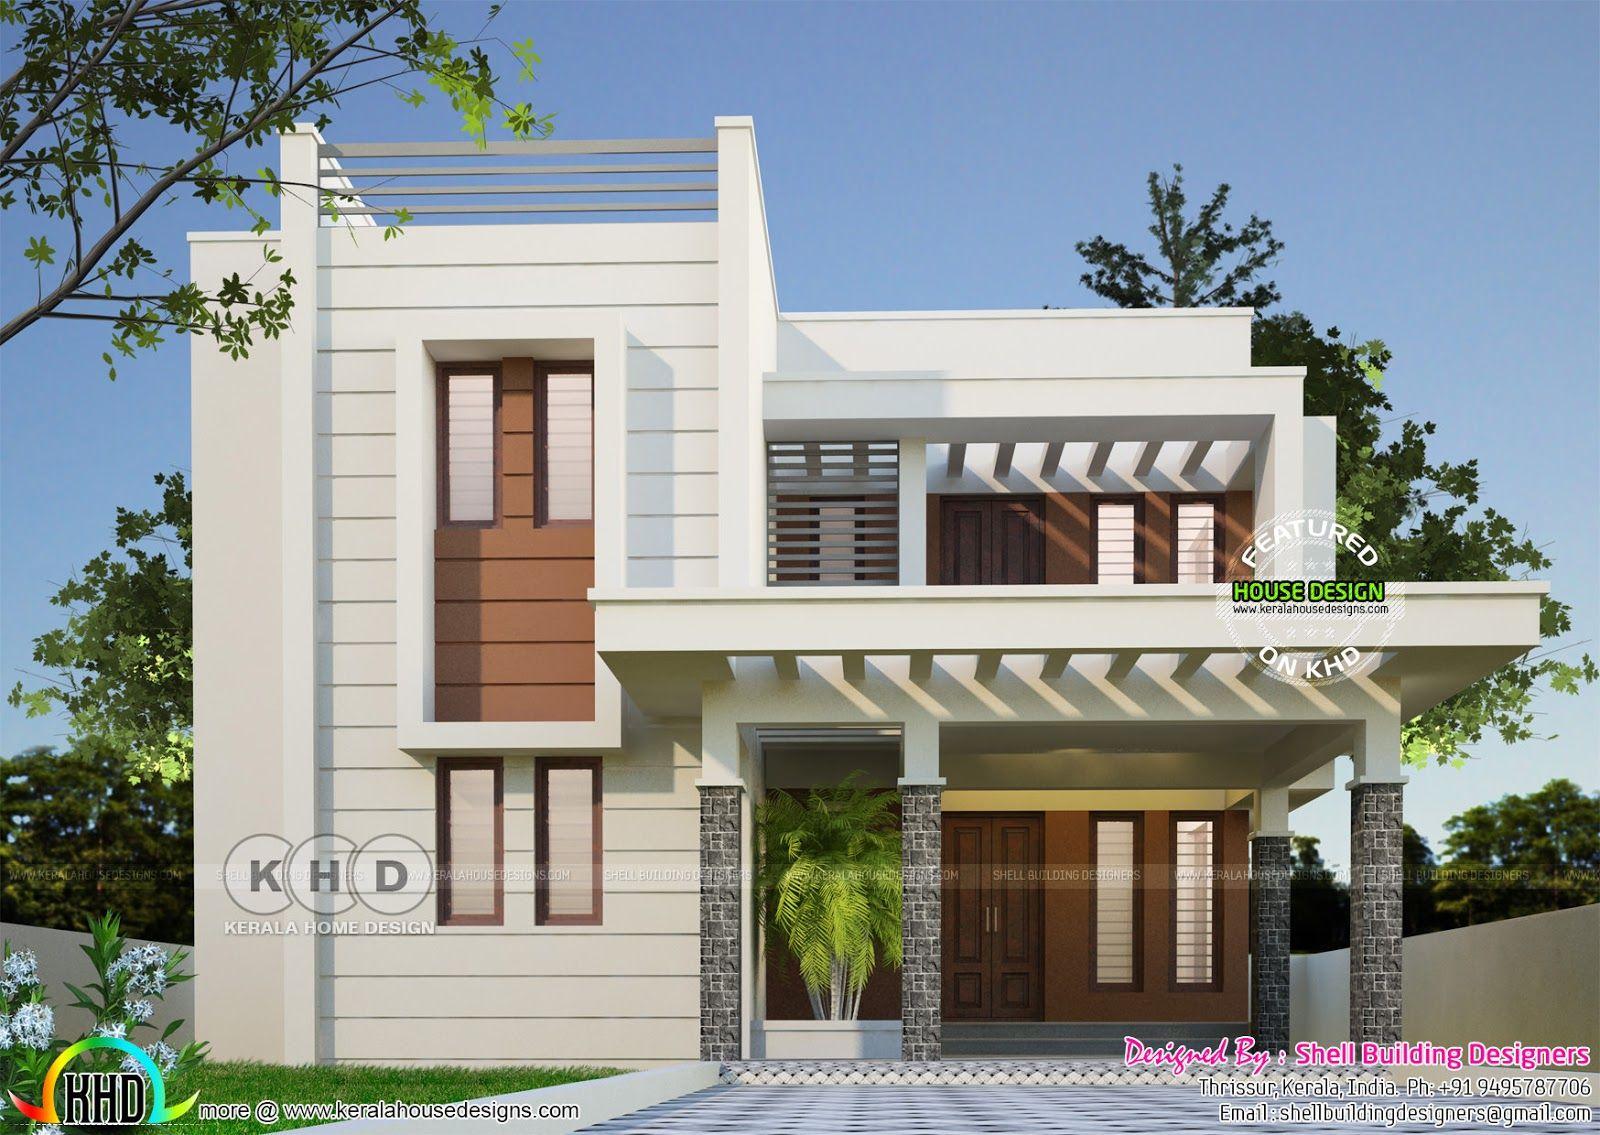 Immeuble plan maison maquette art déco moderne conception de maison de